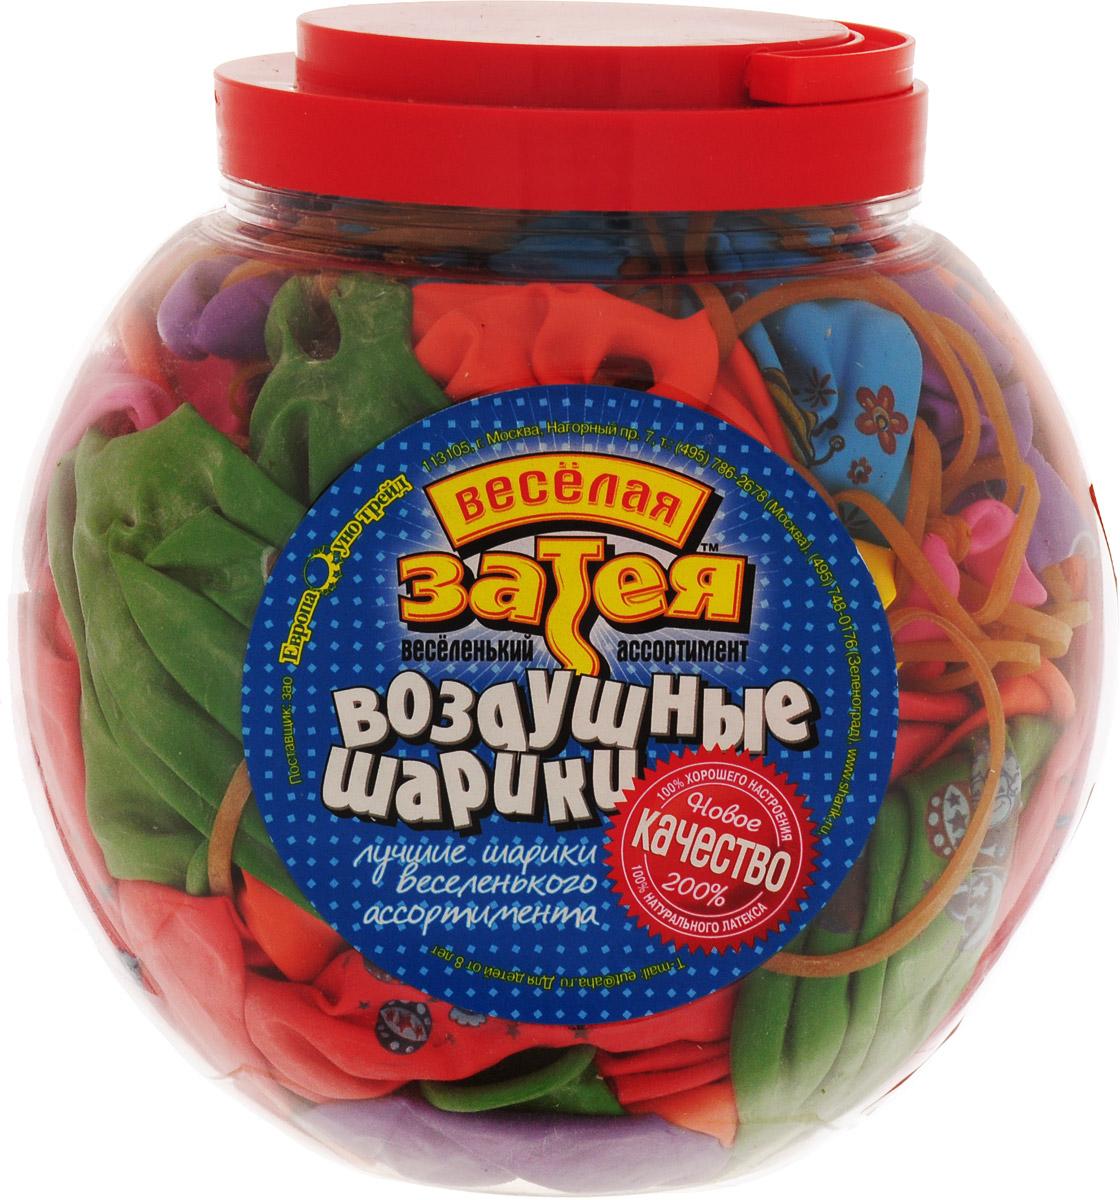 Веселая затея Набор воздушных шариков Панч-болл 50 шт 1110-0006 - Воздушные шарики